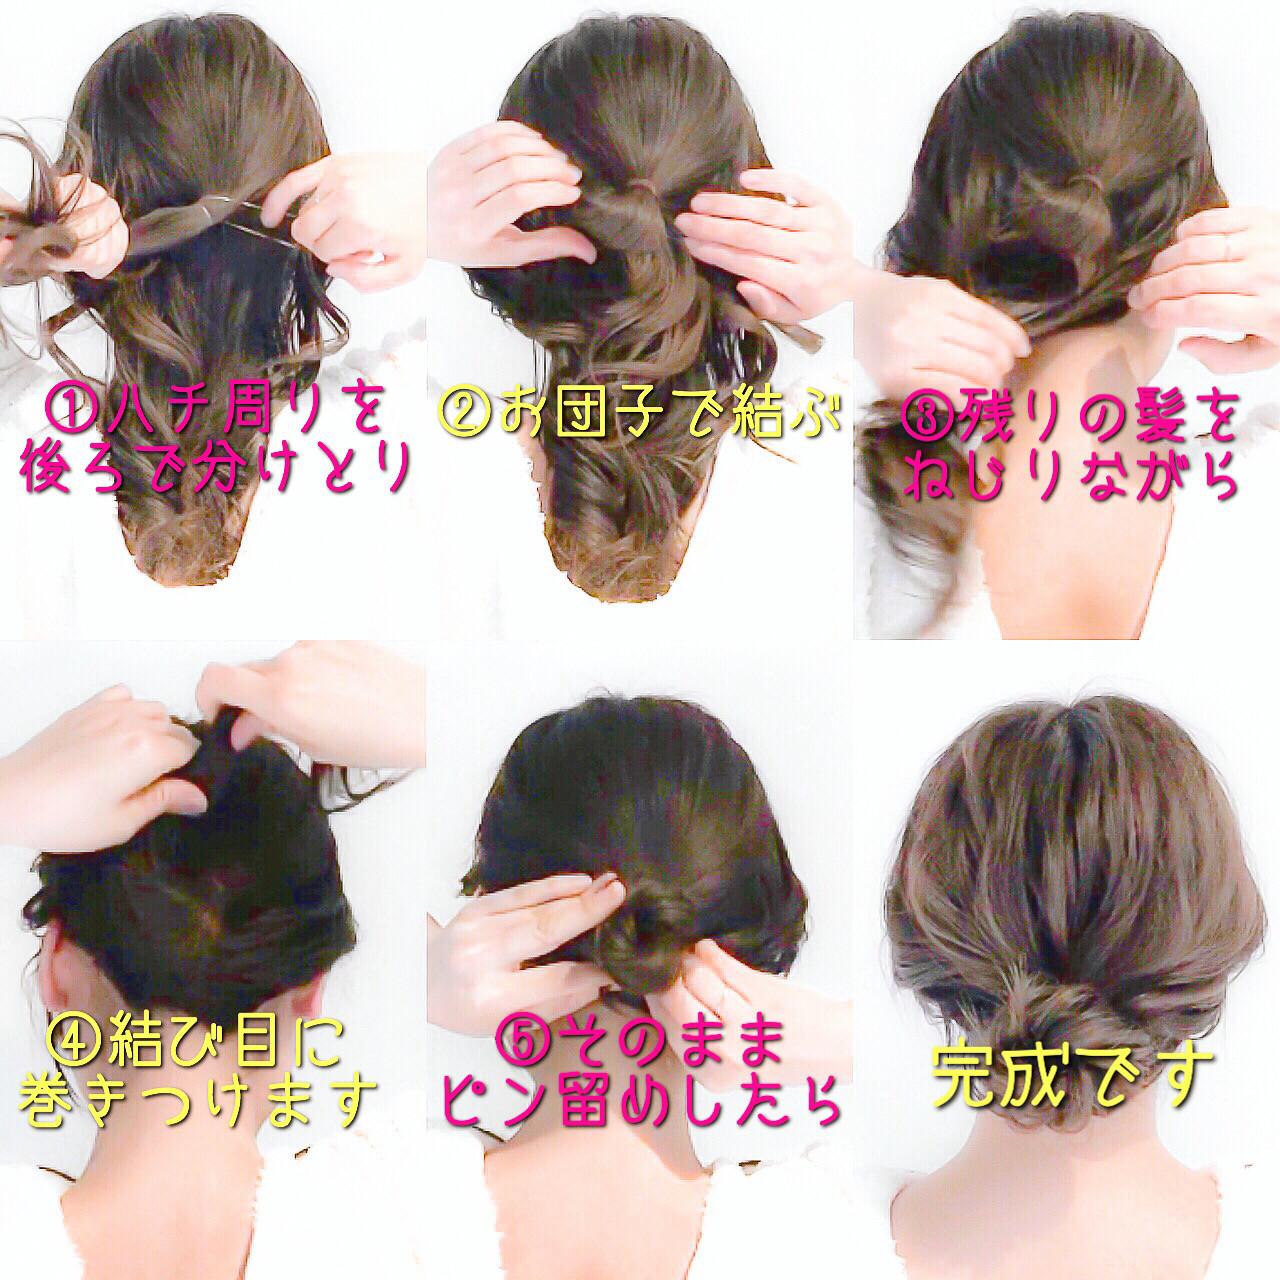 デート エレガント アップスタイル セルフアレンジ ヘアスタイルや髪型の写真・画像